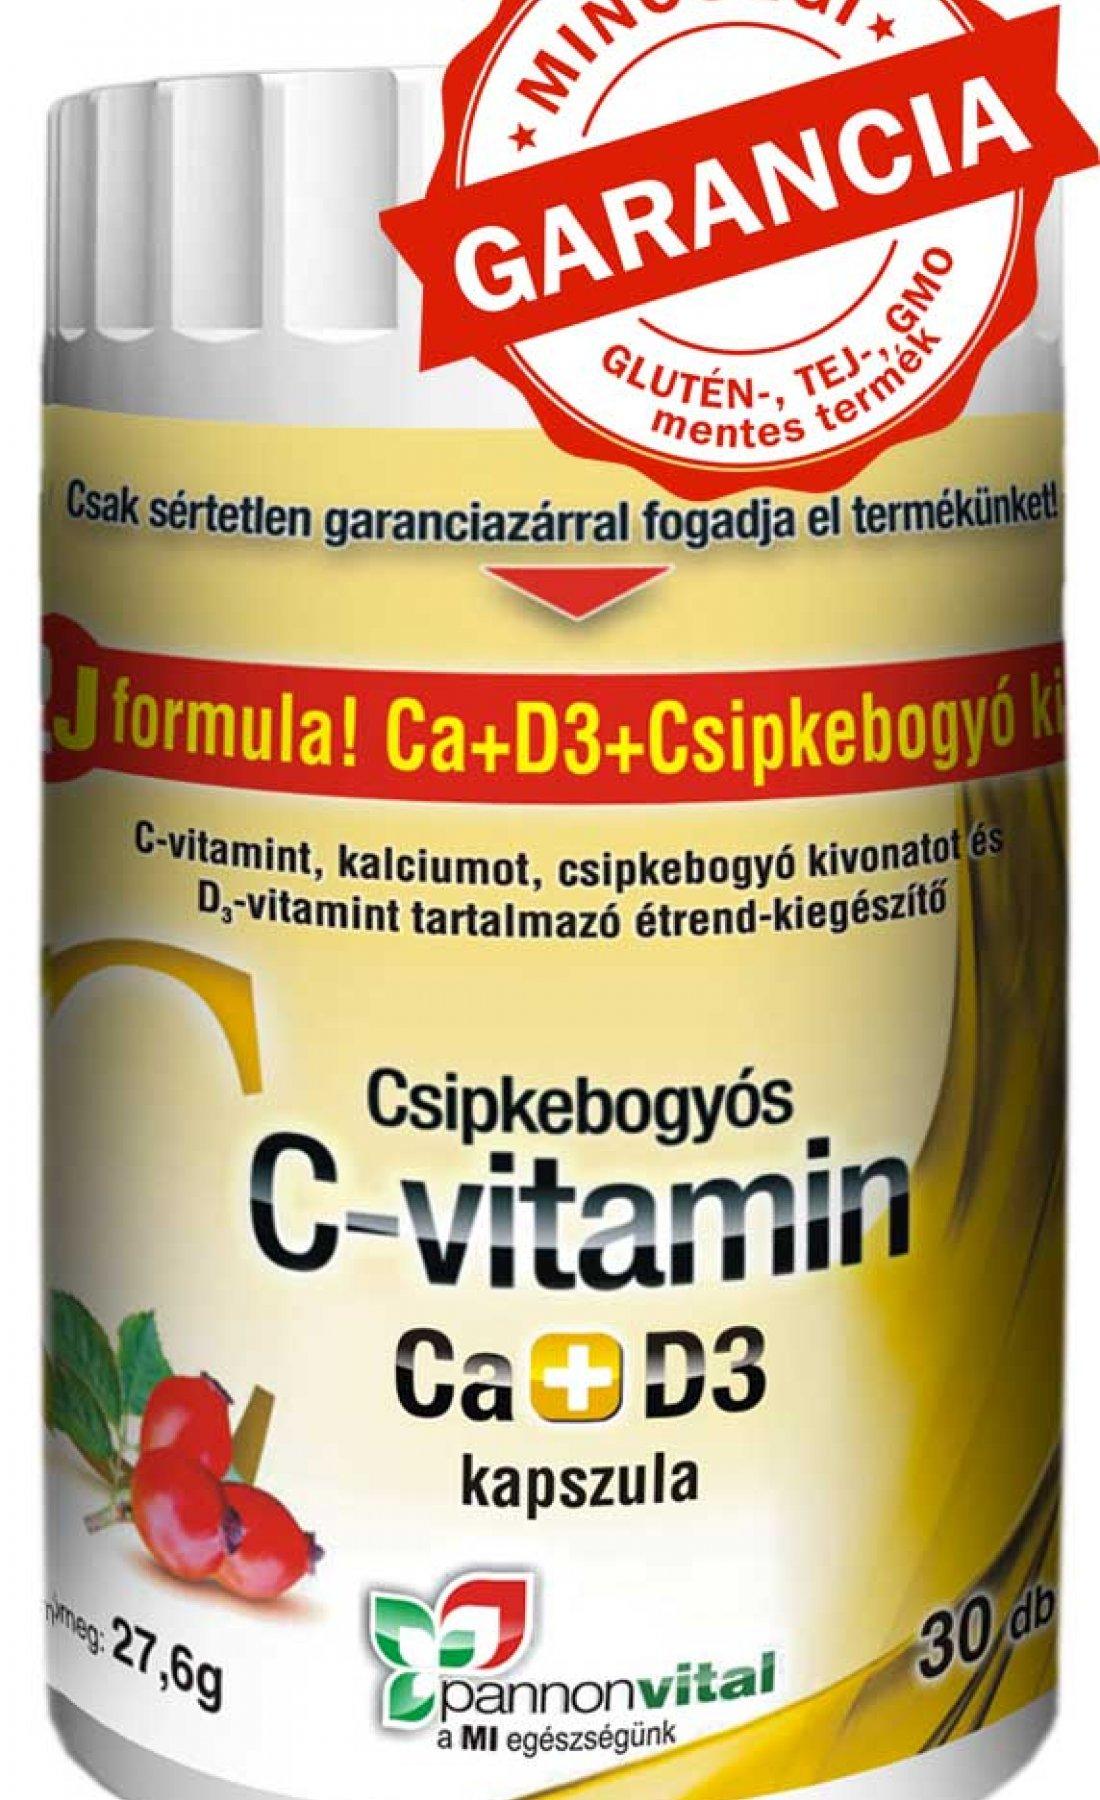 C- vitamin Ca+ D3+ csipke  bogyó kivonata